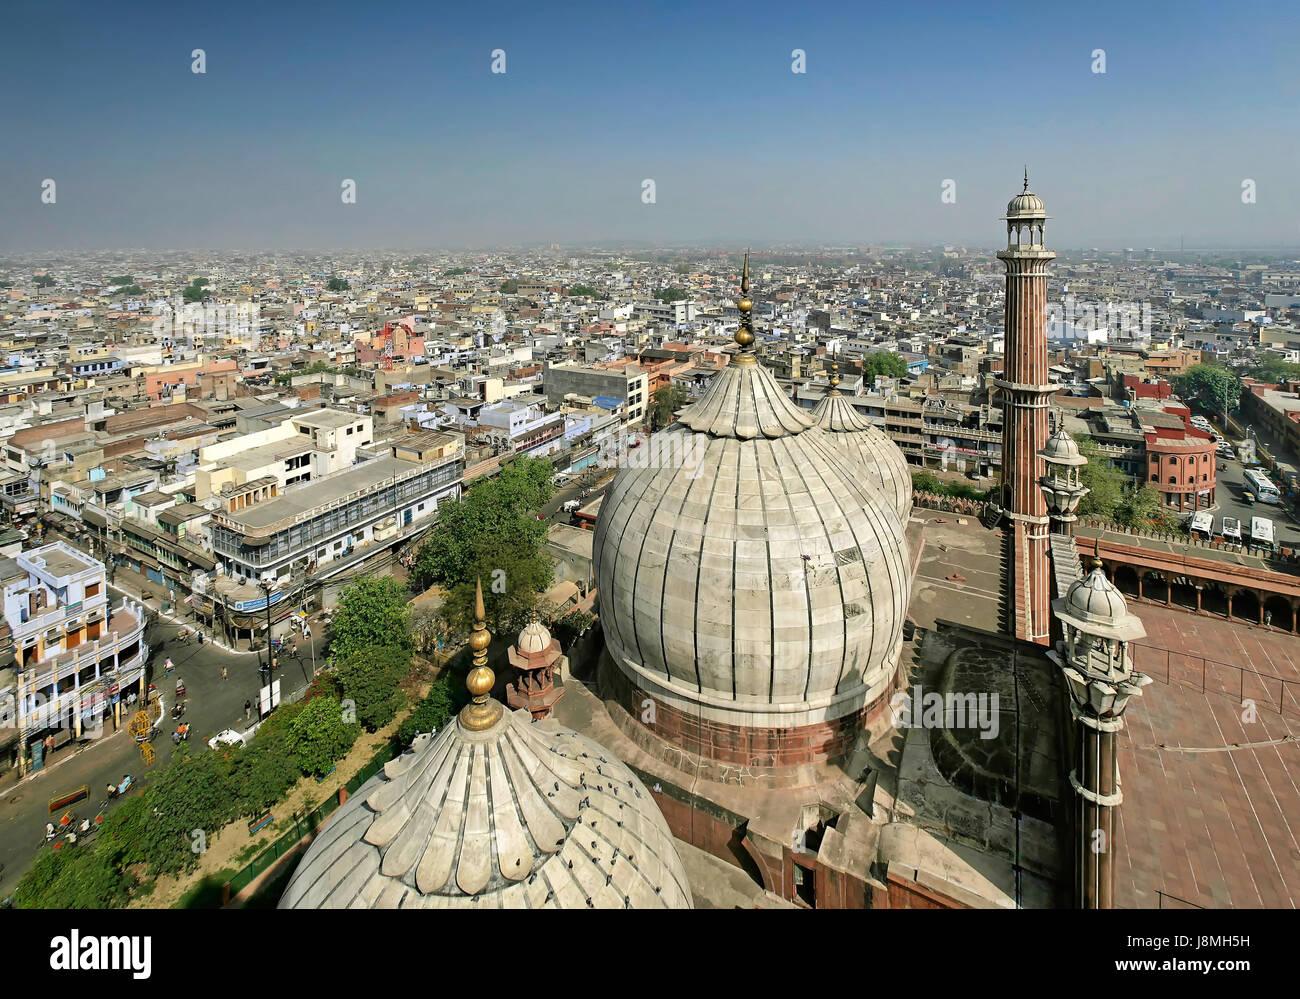 Blick von einem Minarett der Jama Masjid Moschee in Delhi, Indien. Stockbild